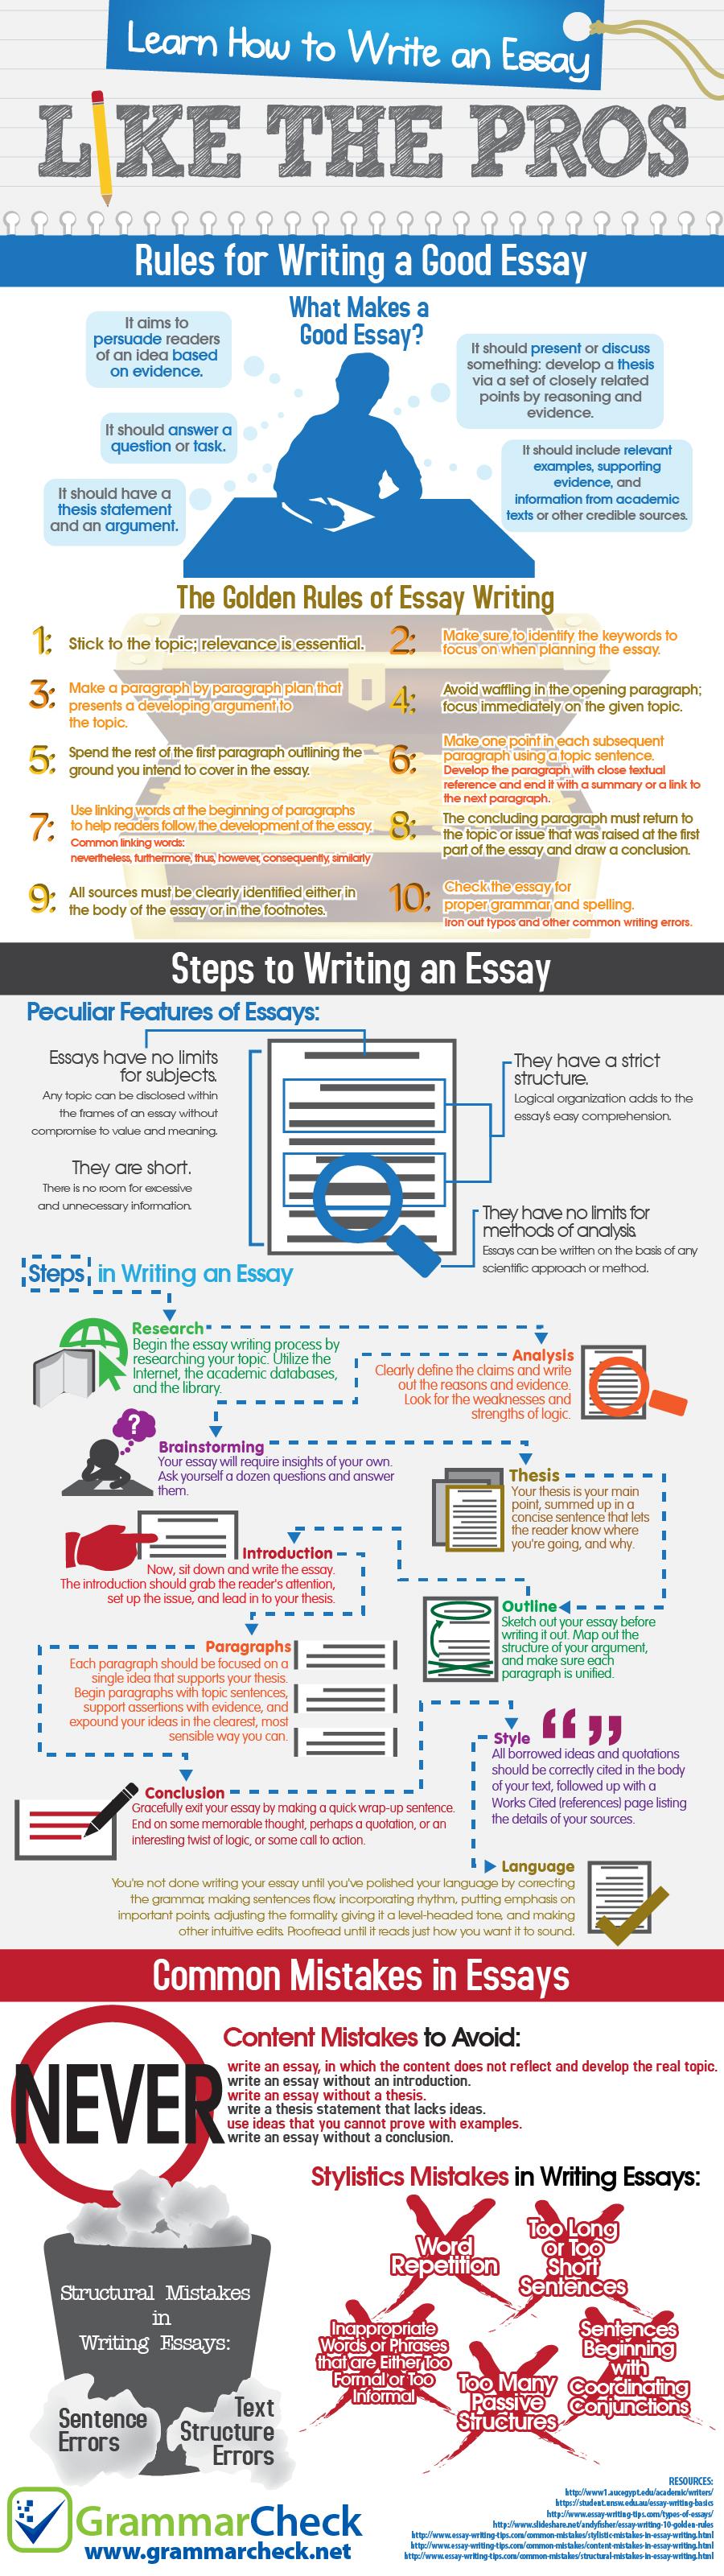 Essay Writing Review Book Review Essay How To Write Review Essay How